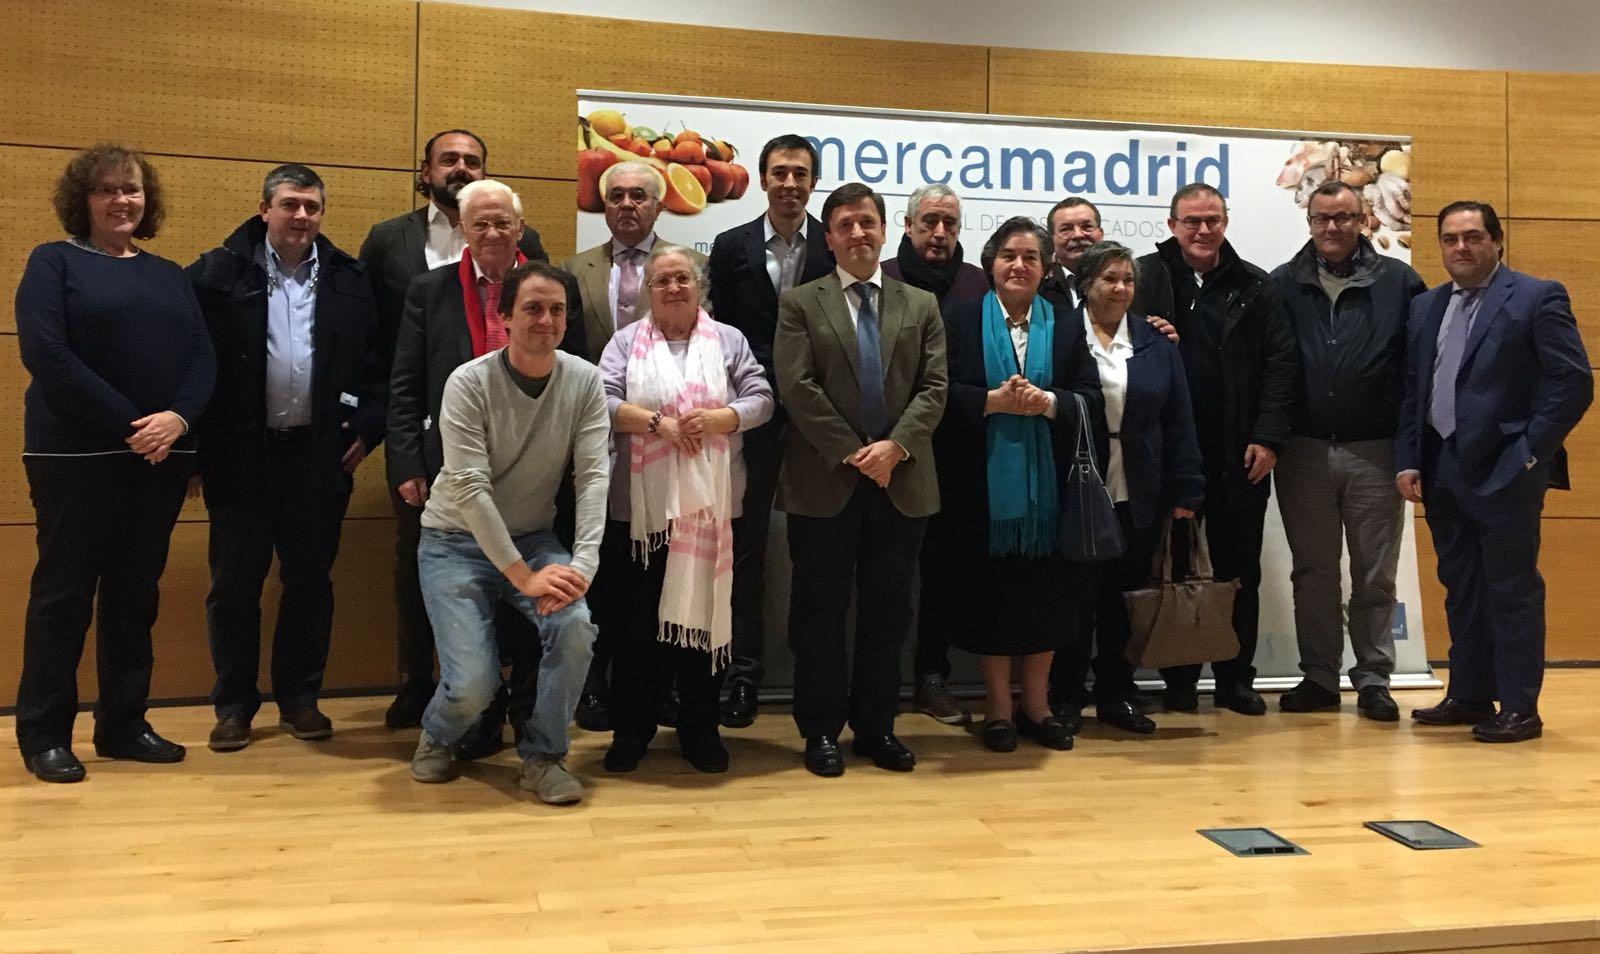 Jornada de solidaridad en Mercamadrid – Diario del Ayuntamiento de ...